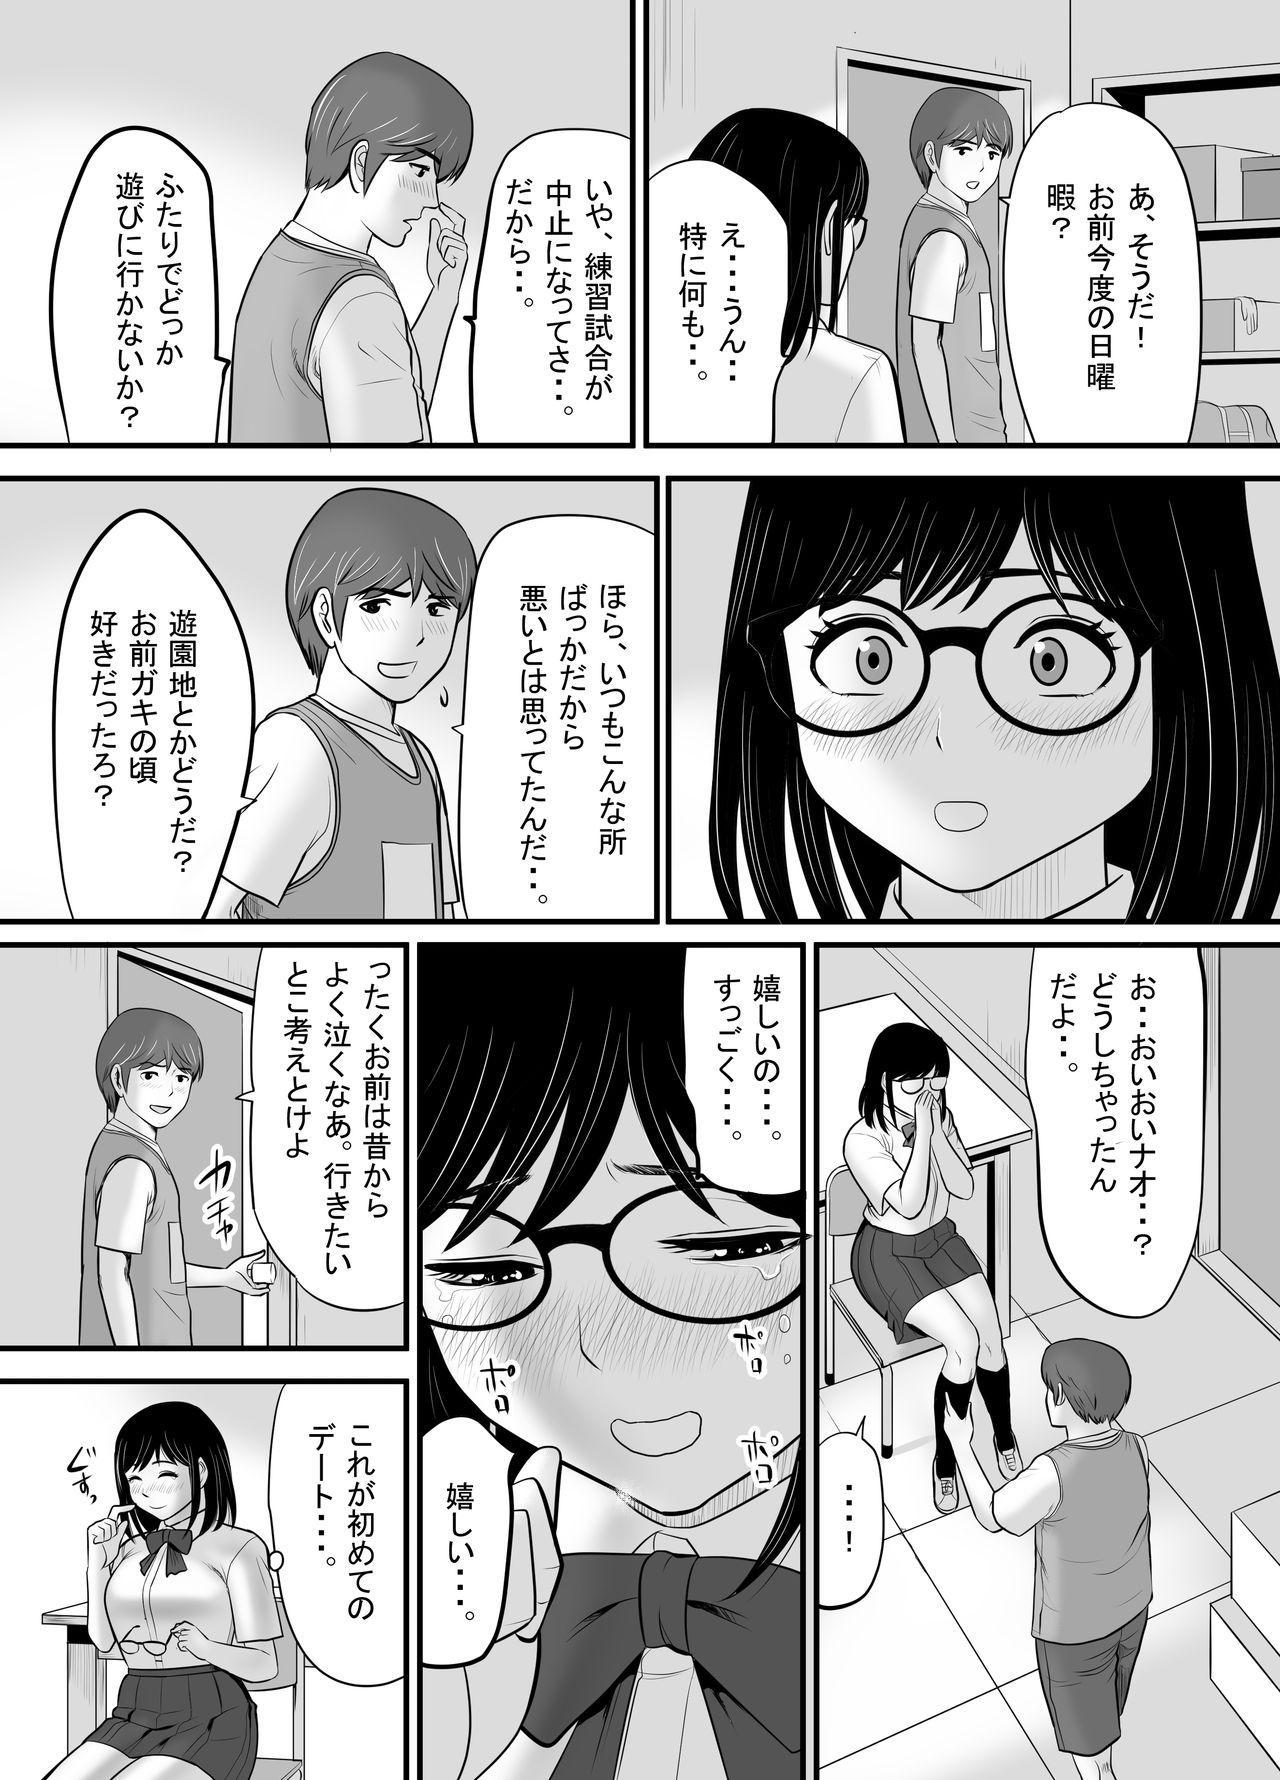 Namaiki na Danshi Seito ga Ita node Juujun na Kanojo o Kawari ni Otoshite yatta 28